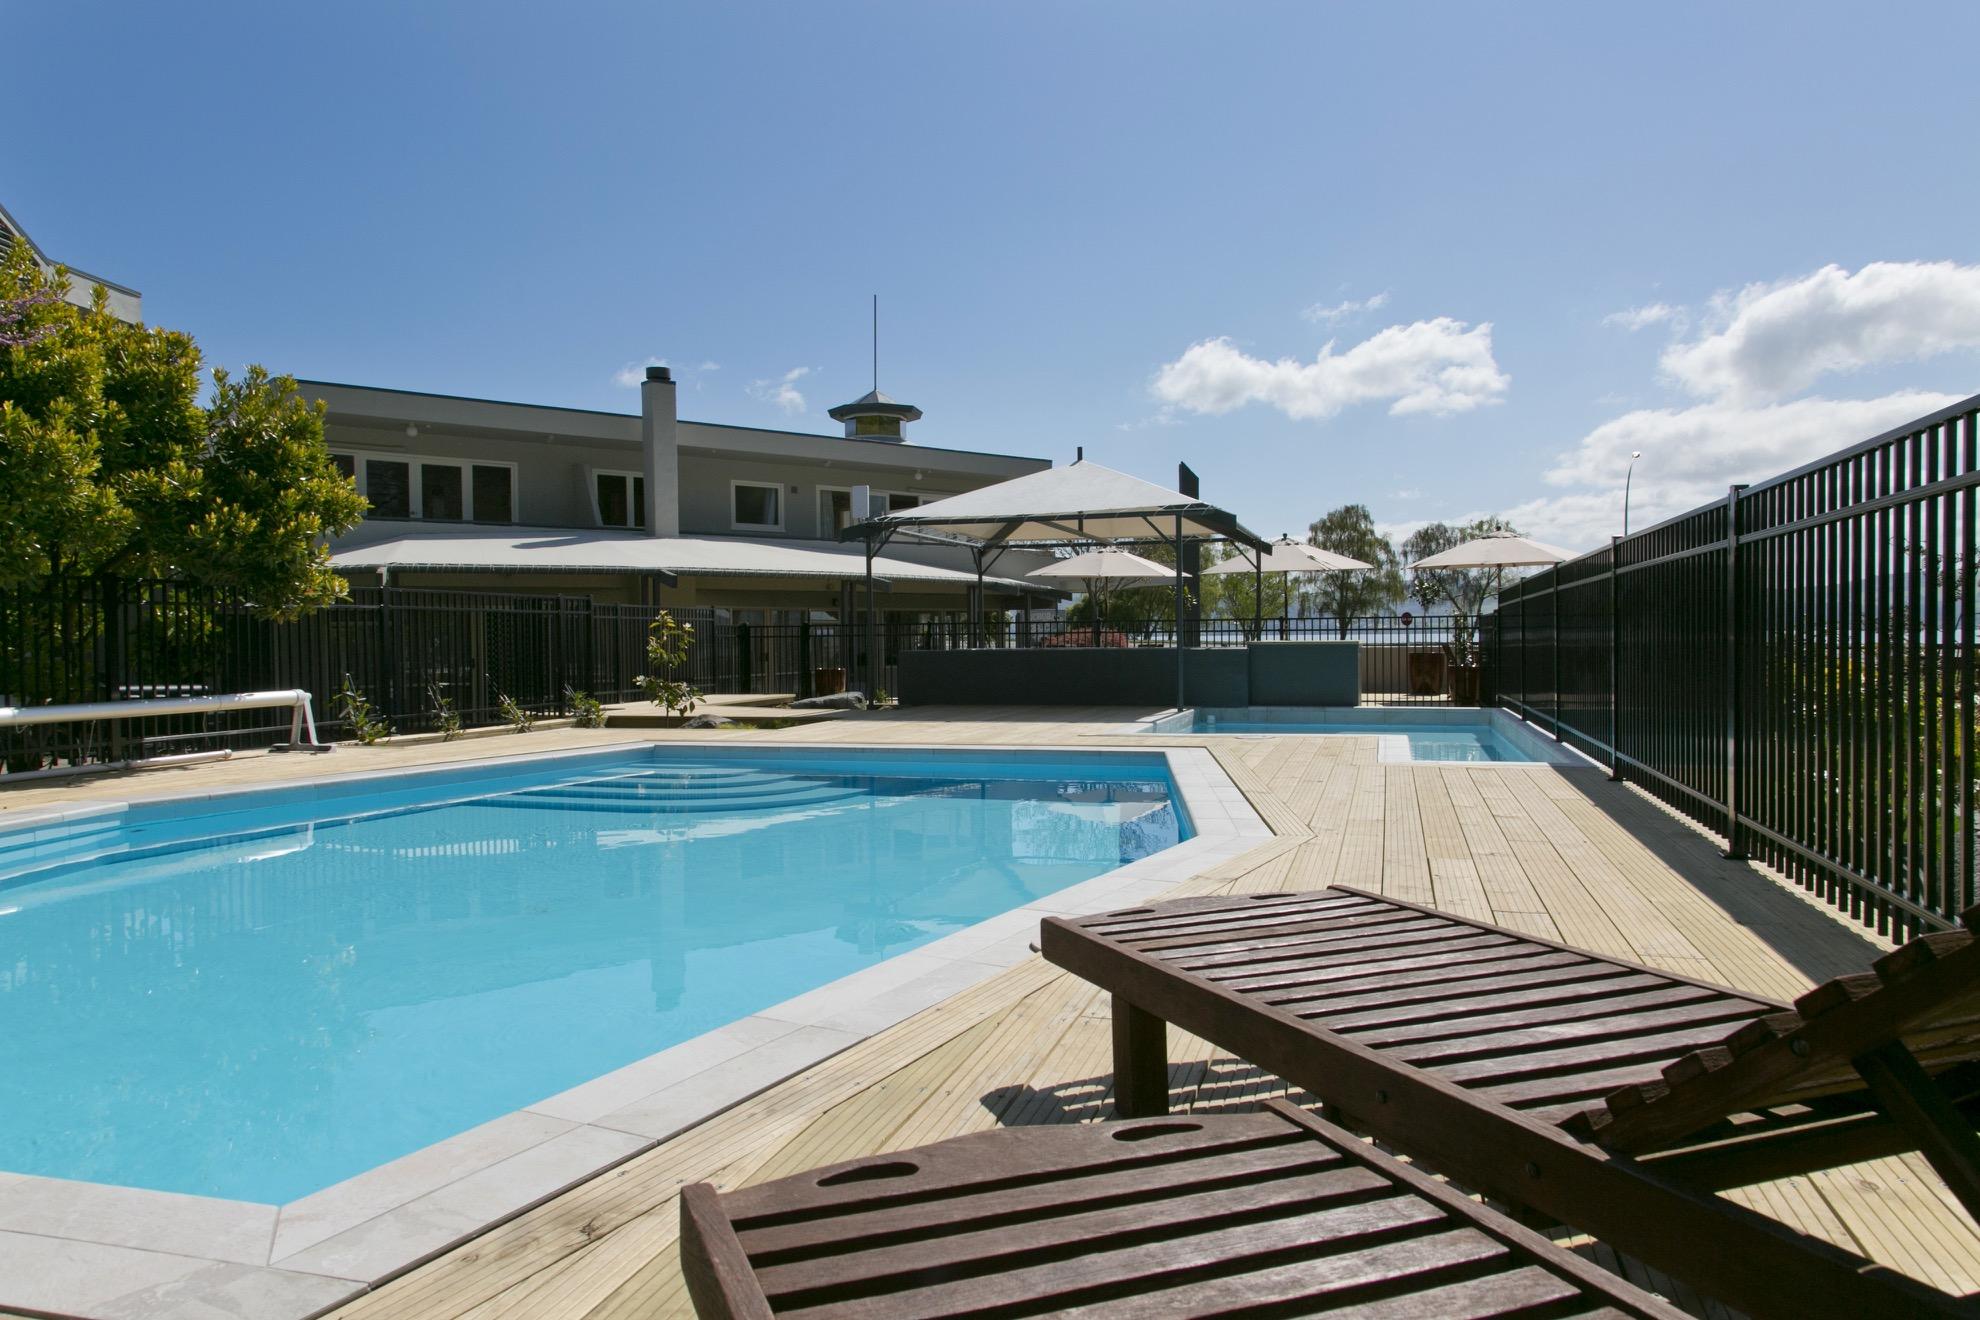 pool area heated swimming pool 2.jpg